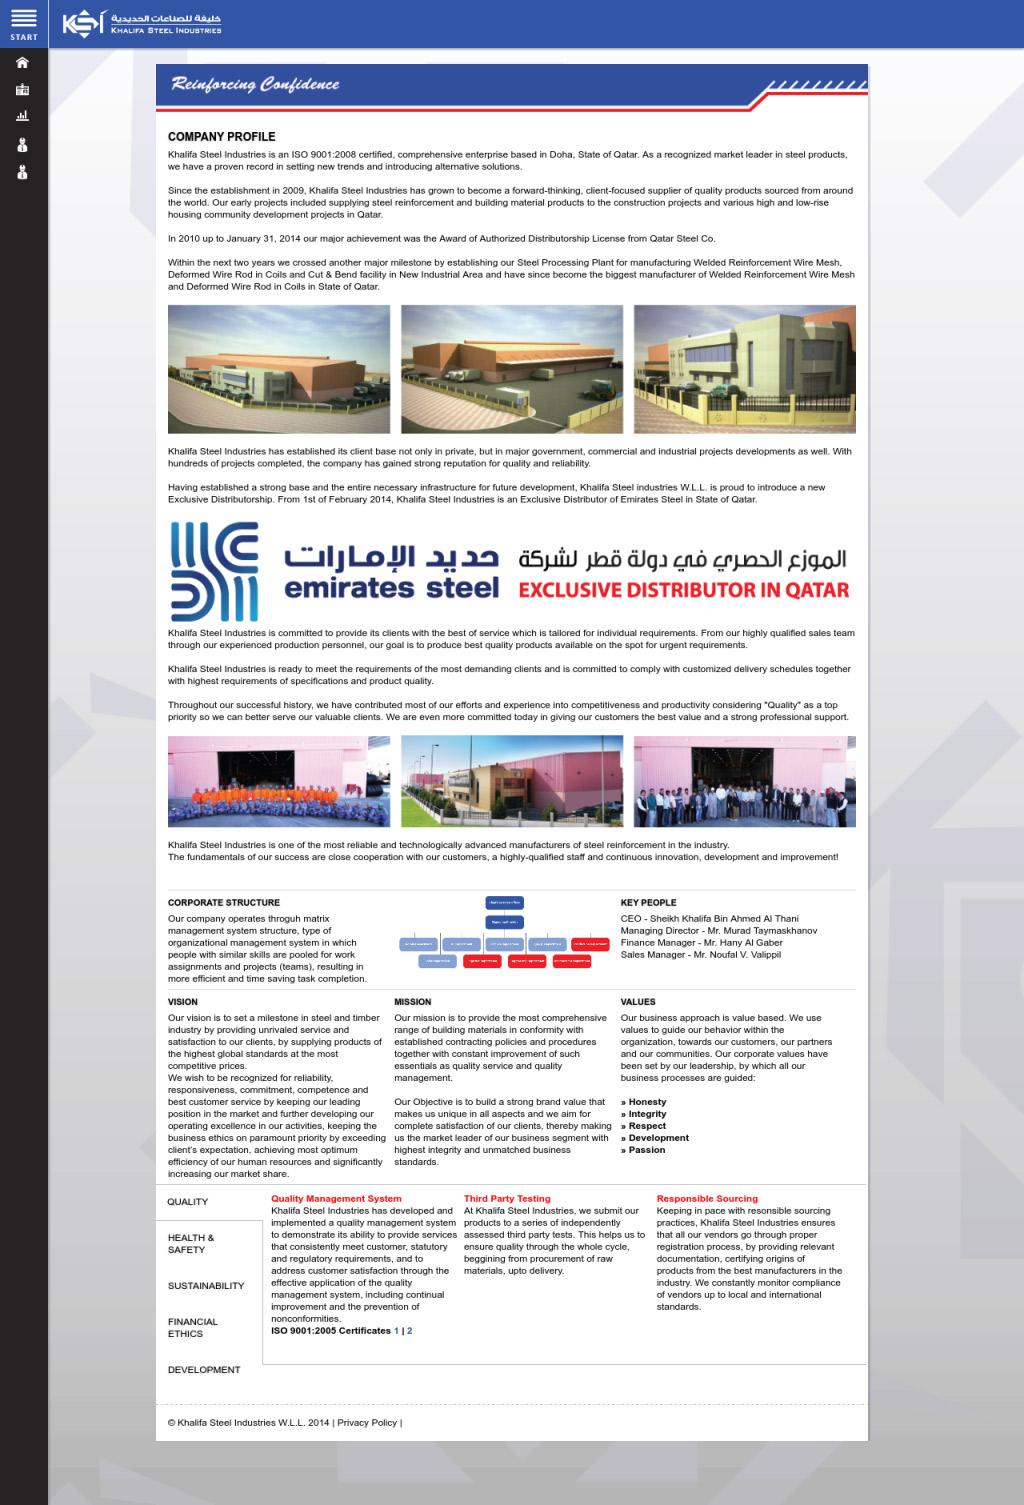 Khalifa Steel – SHITECH   Best Web Design Agency, Web